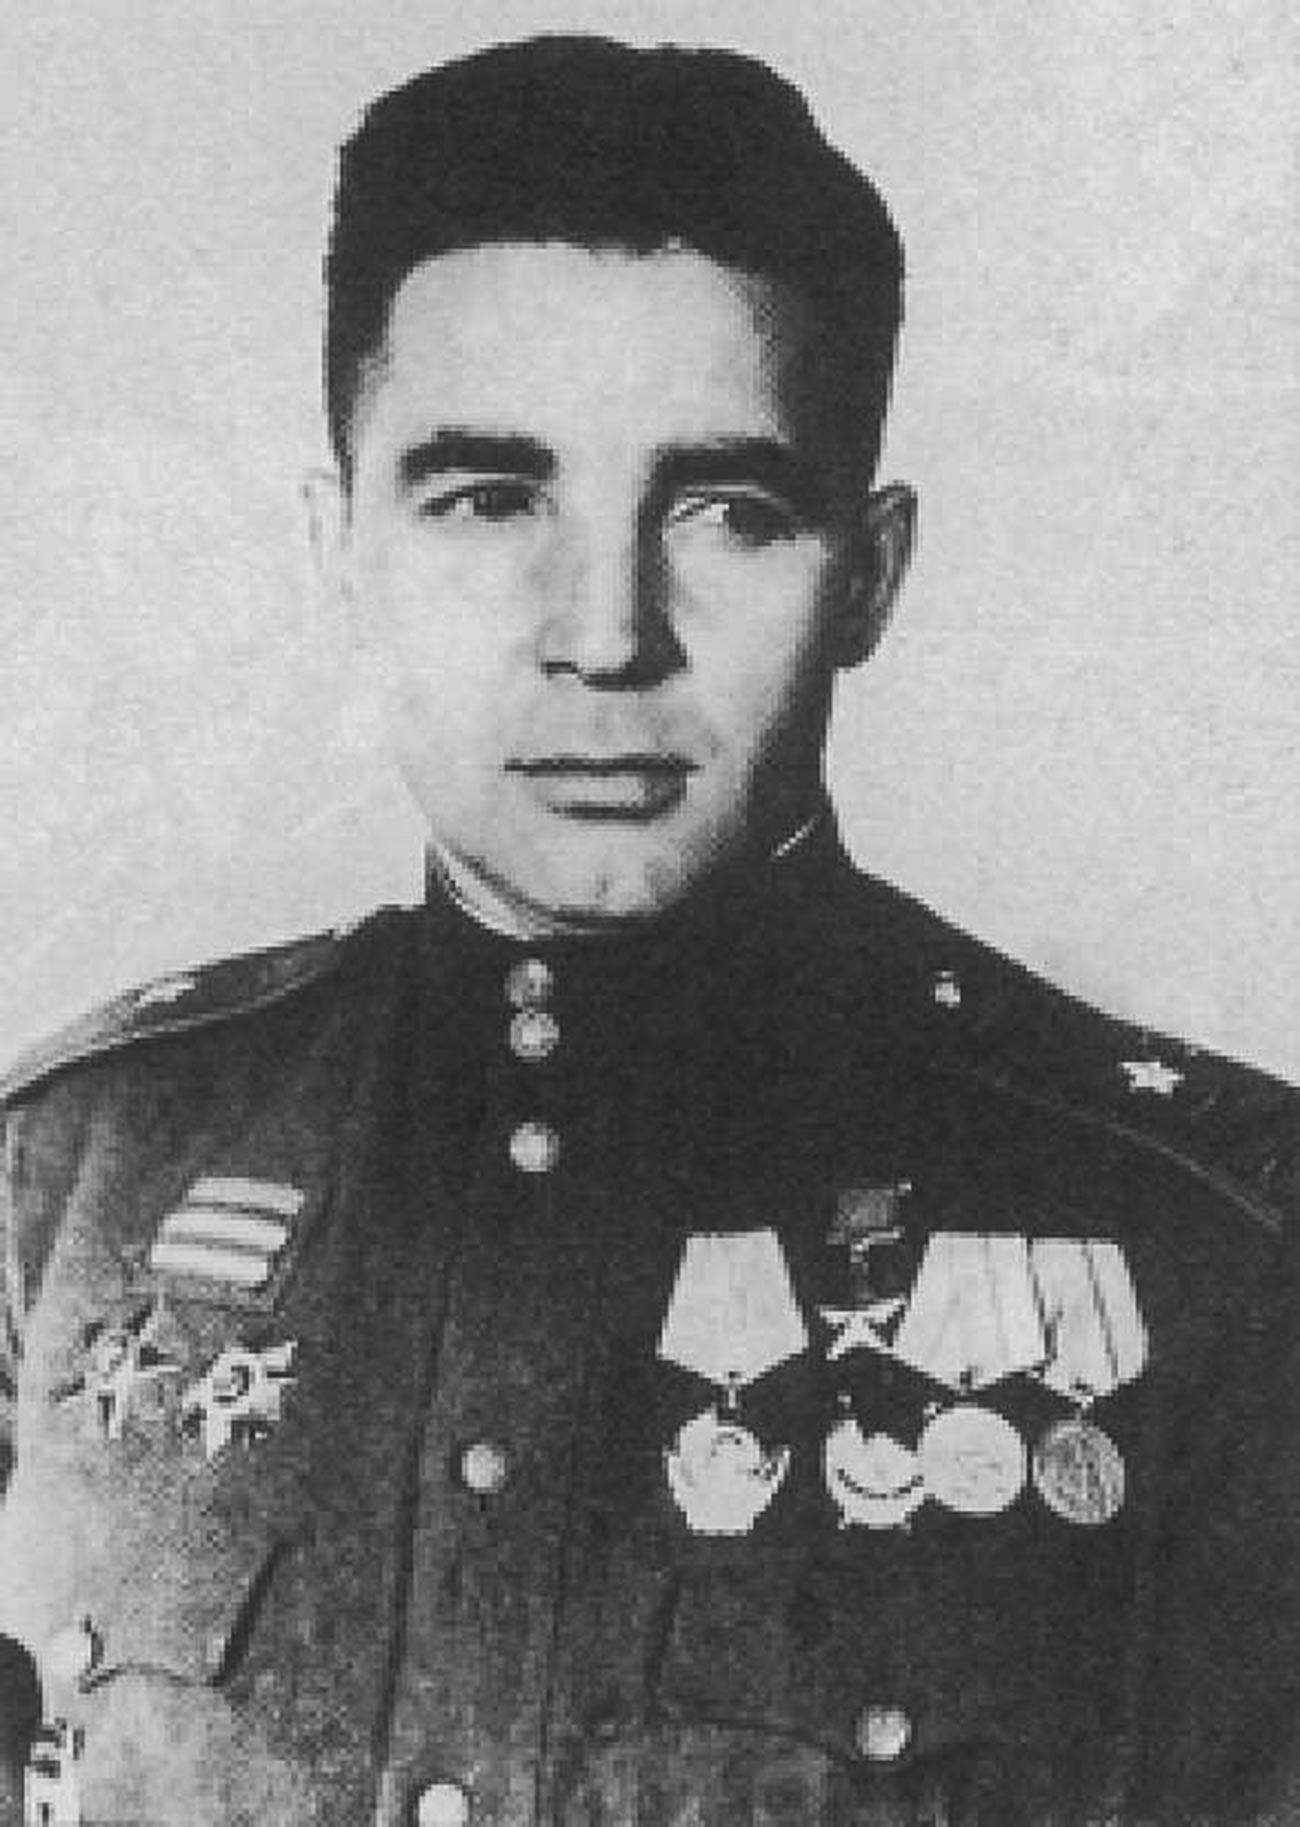 Margelov durante la Seconda guerra mondiale